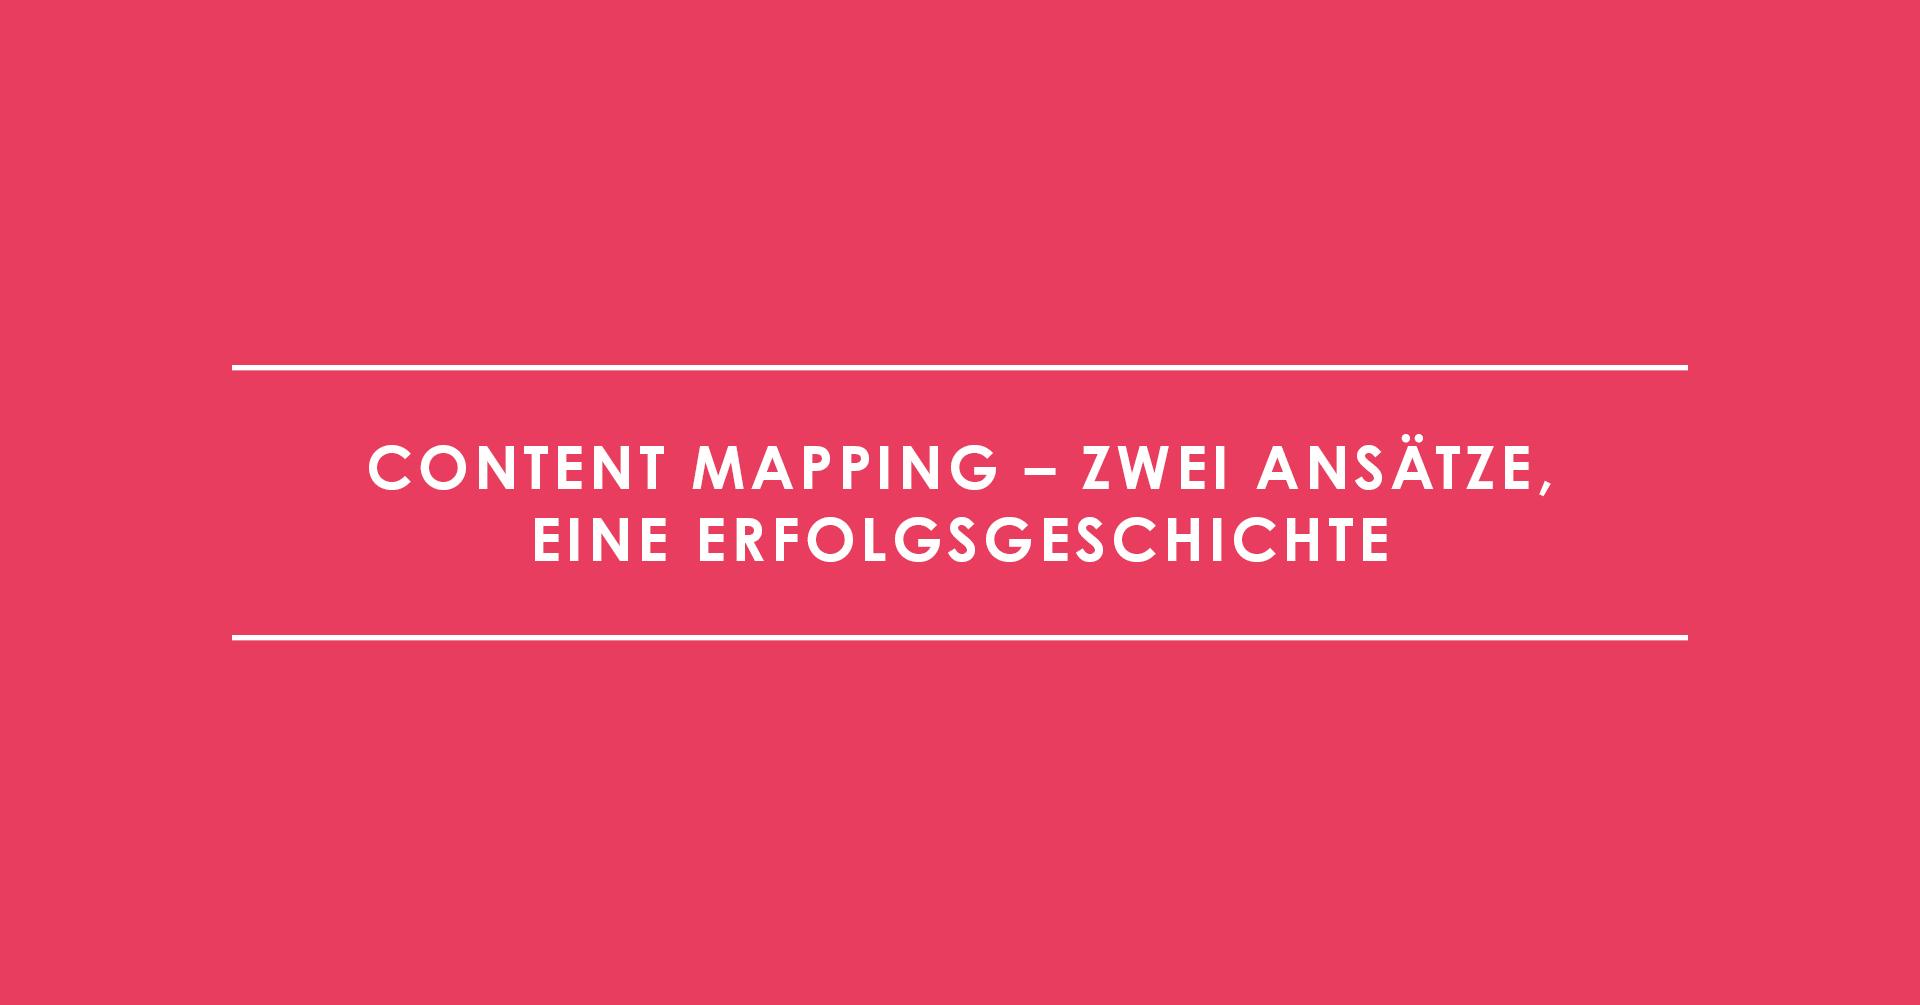 Content Mapping – Zwei Ansätze, eine Erfolgsgeschichte